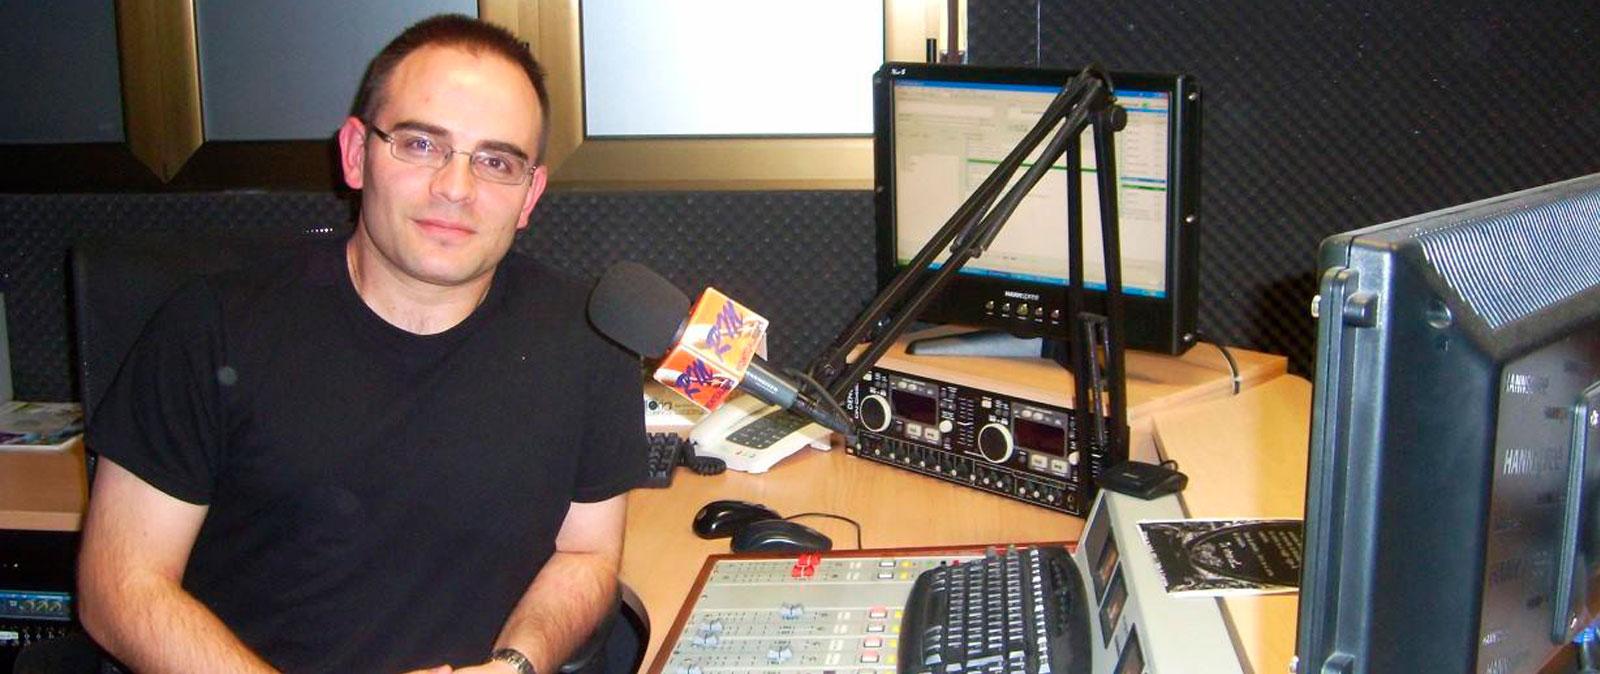 equipo-zona-fm-radio-consuegra